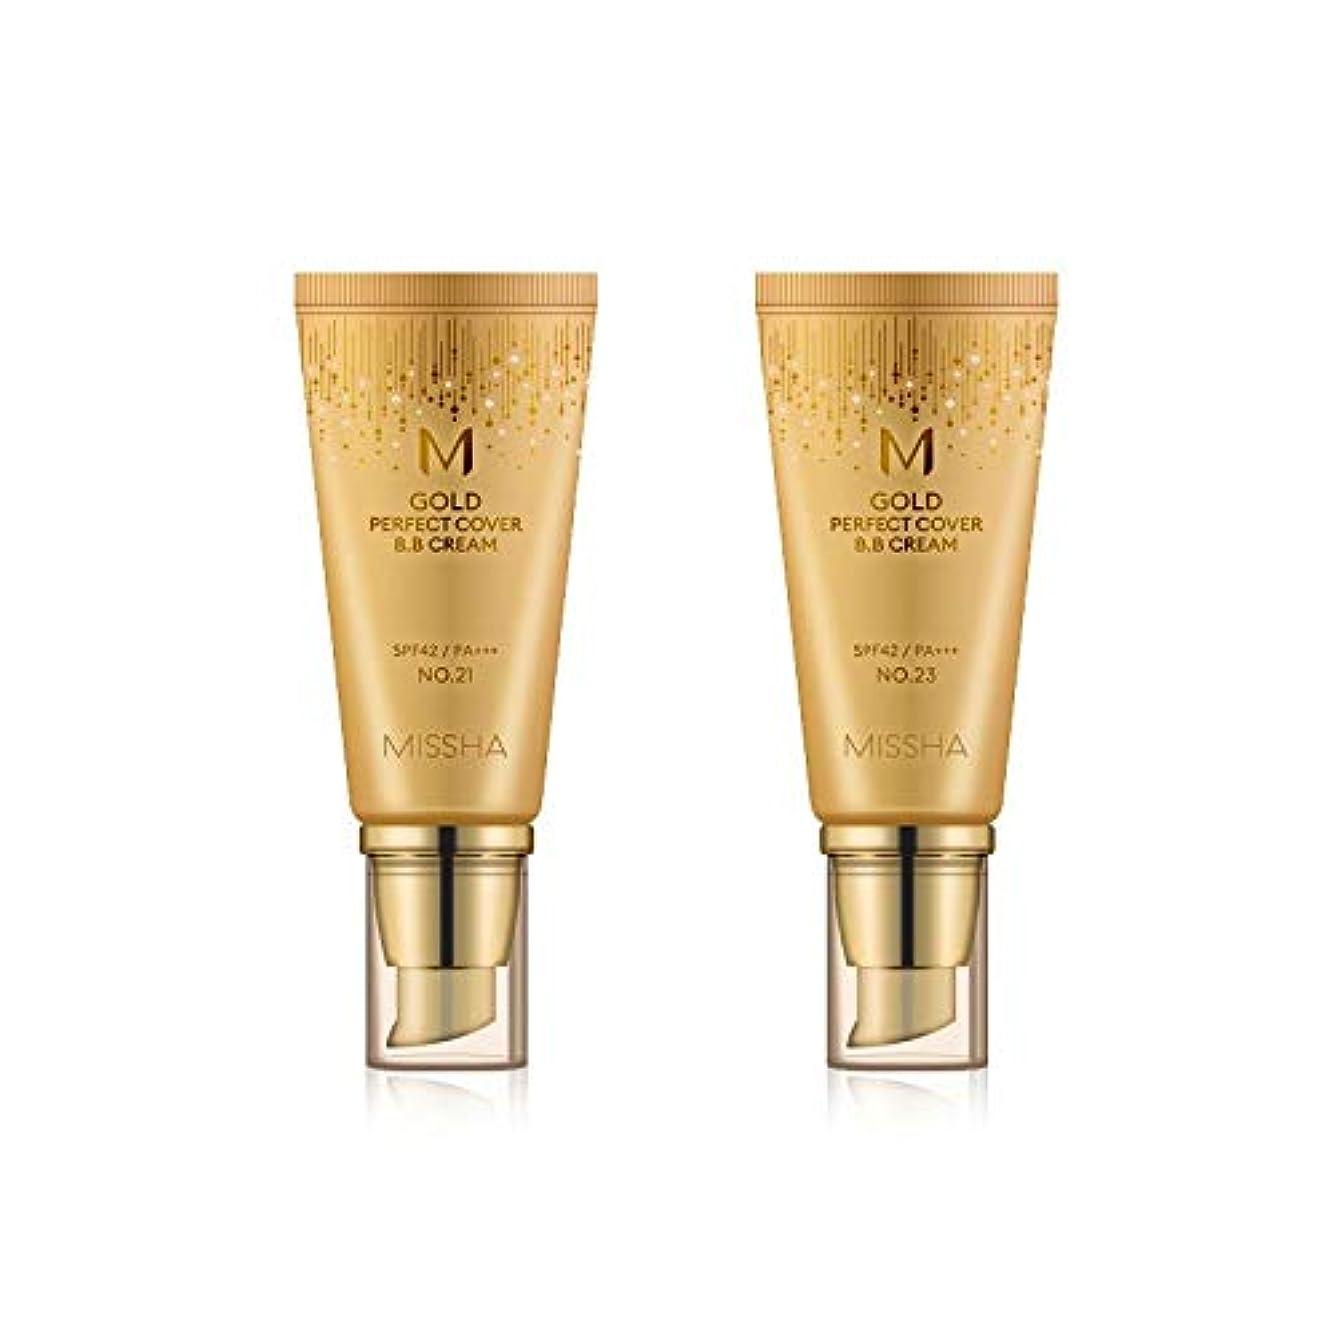 鎖喉が渇いた娘MISSHA Gold Perfecte Cover BB Cream SPF42 PA+++ / ミシャ ゴールド パーフェクト カバー BBクリーム 50ml *NO.21 [並行輸入品]